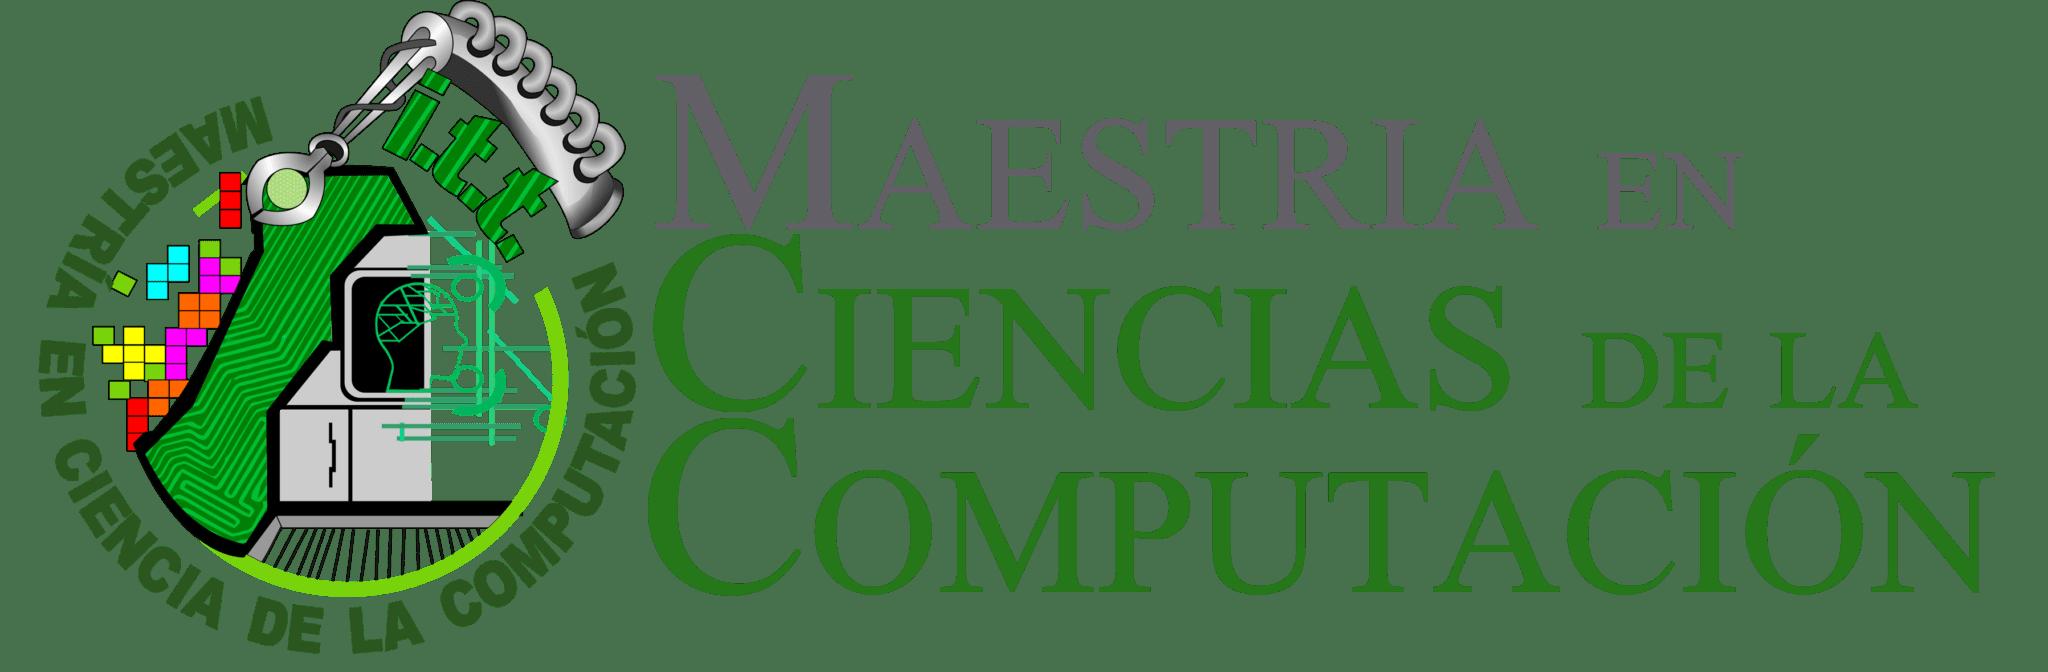 MAESTRIA EN CIENCIAS DE LA COMPUTACION_HEADING